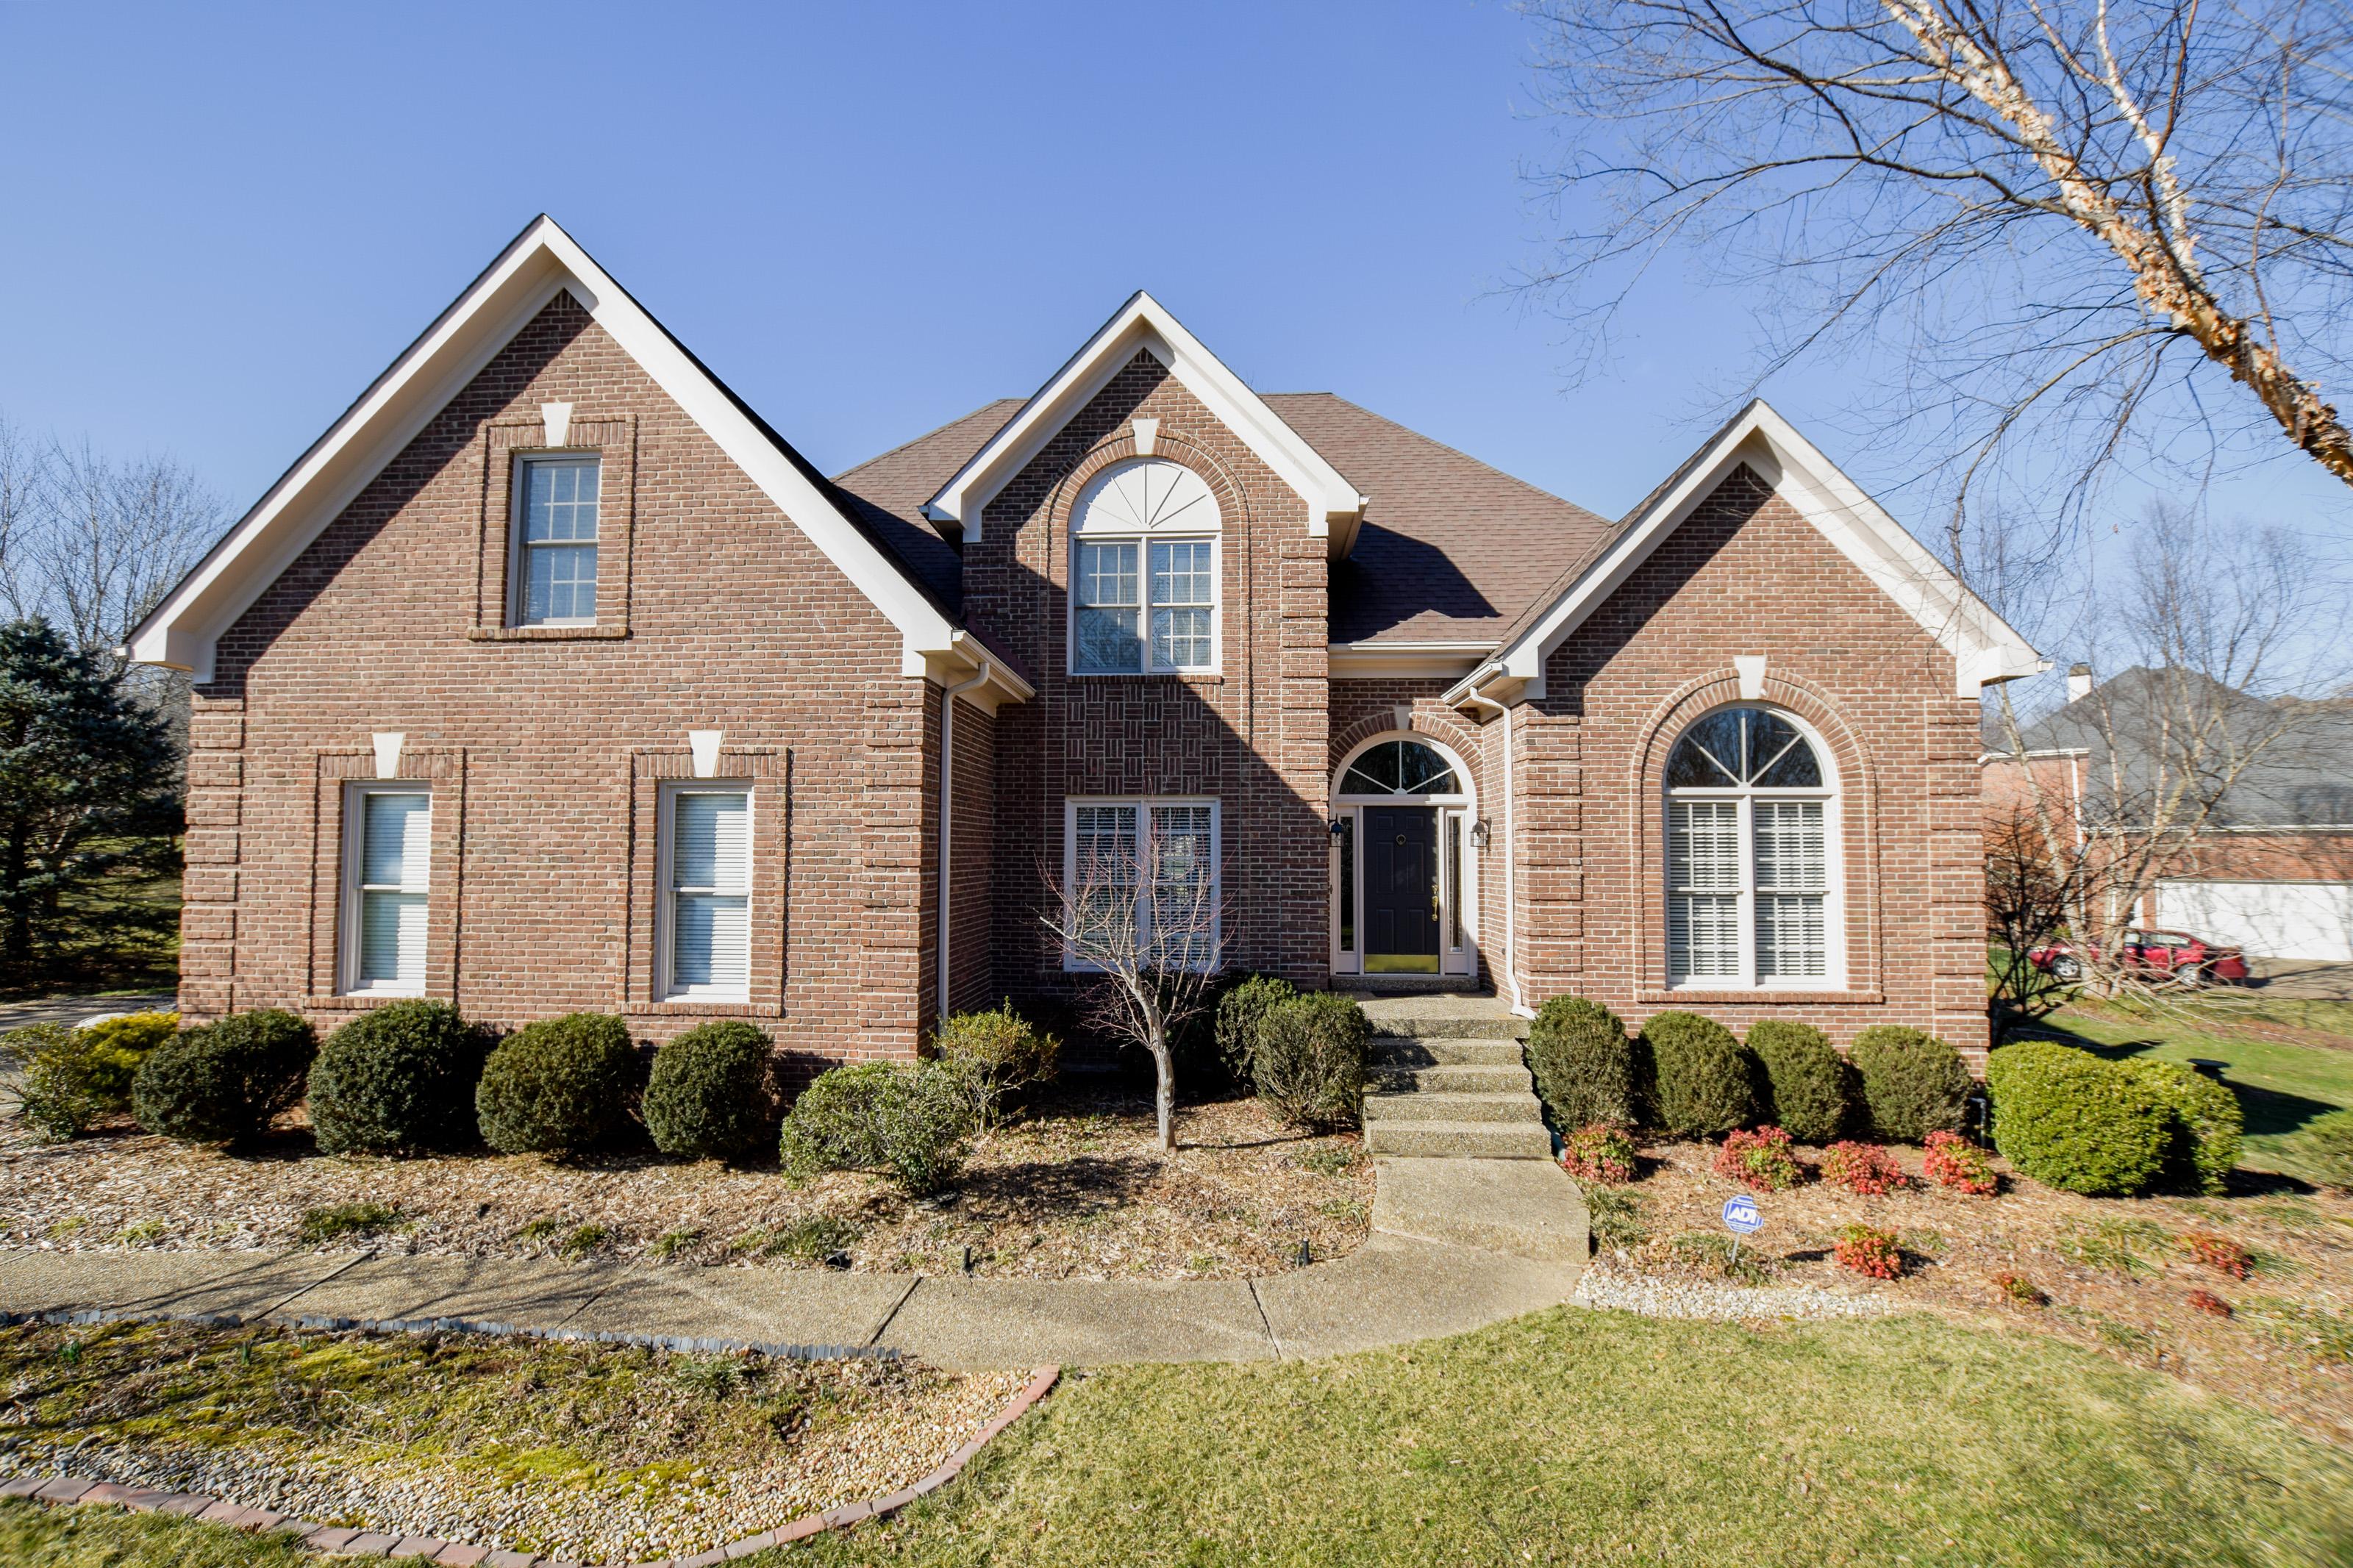 一戸建て のために 売買 アット 6600 Harrods View Circle Prospect, ケンタッキー, 40059 アメリカ合衆国